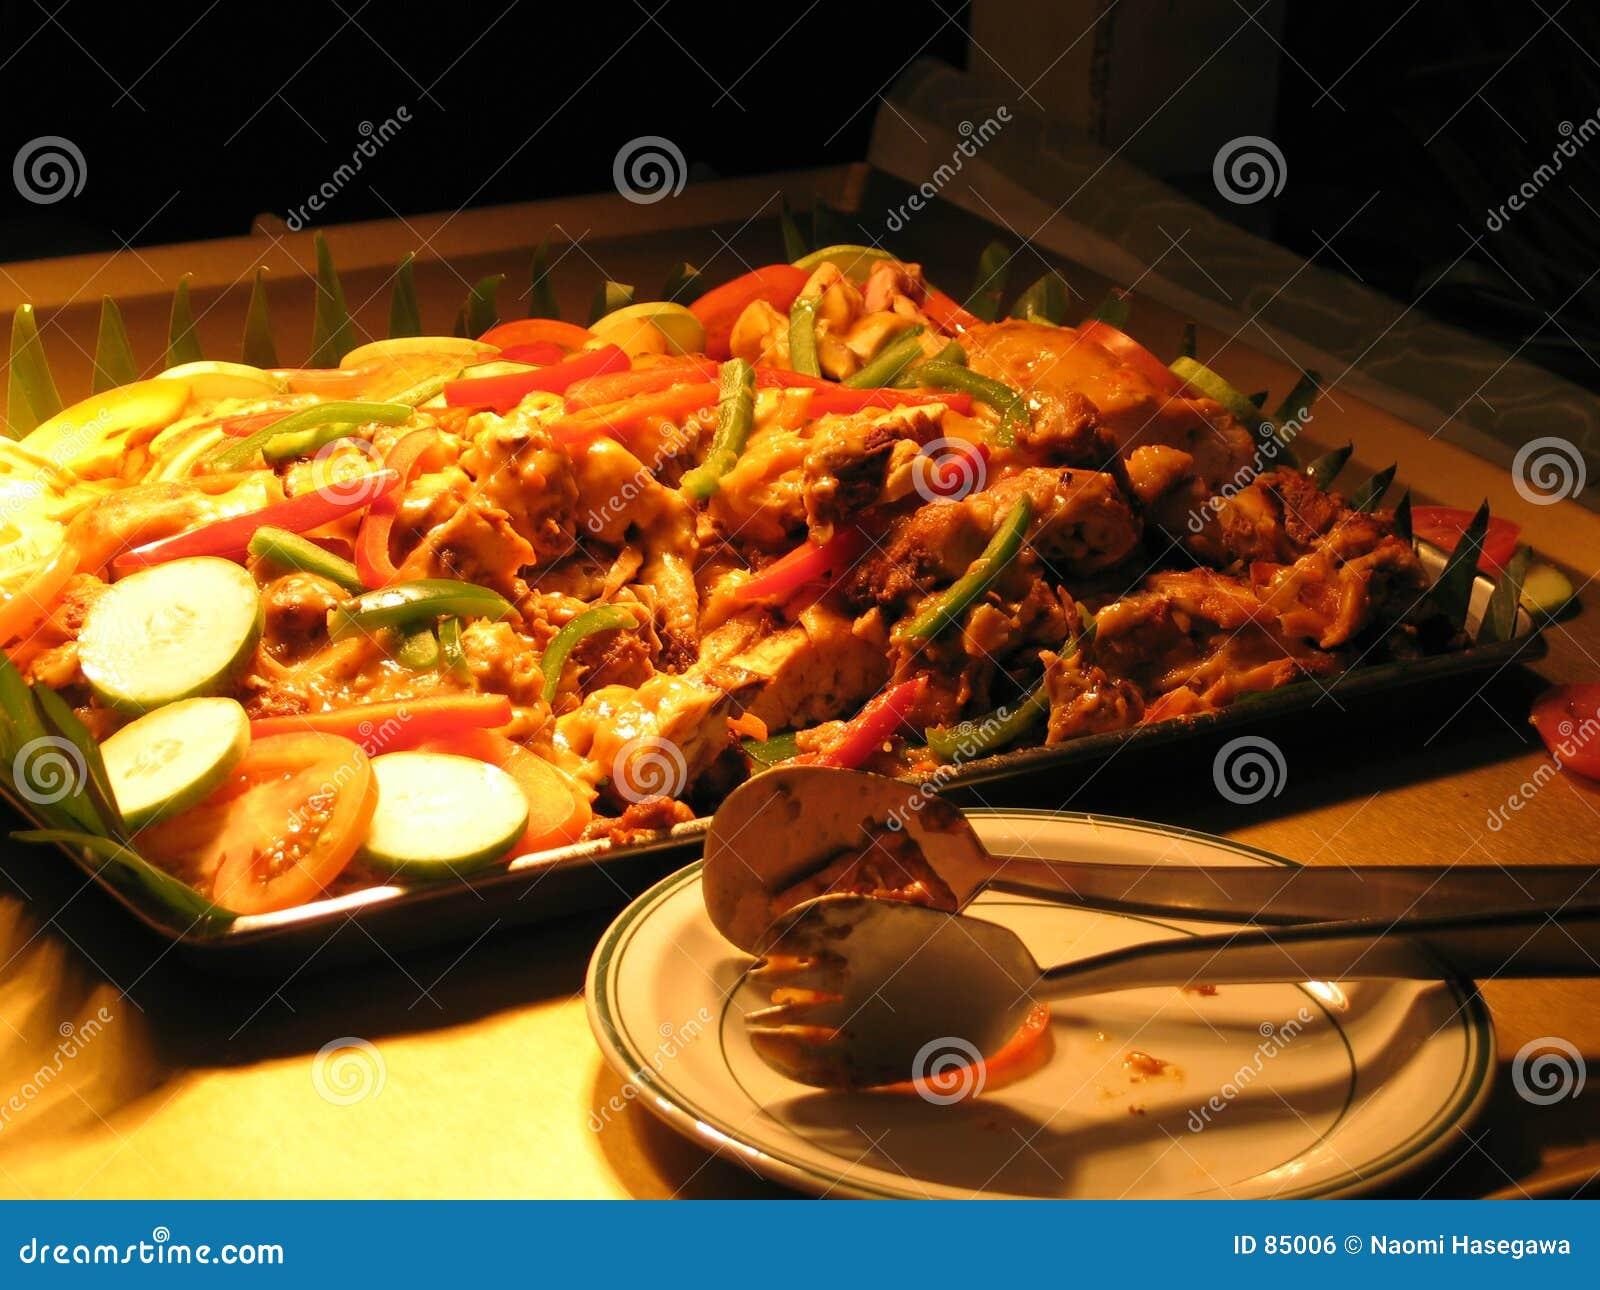 Grilled Chicken Dish